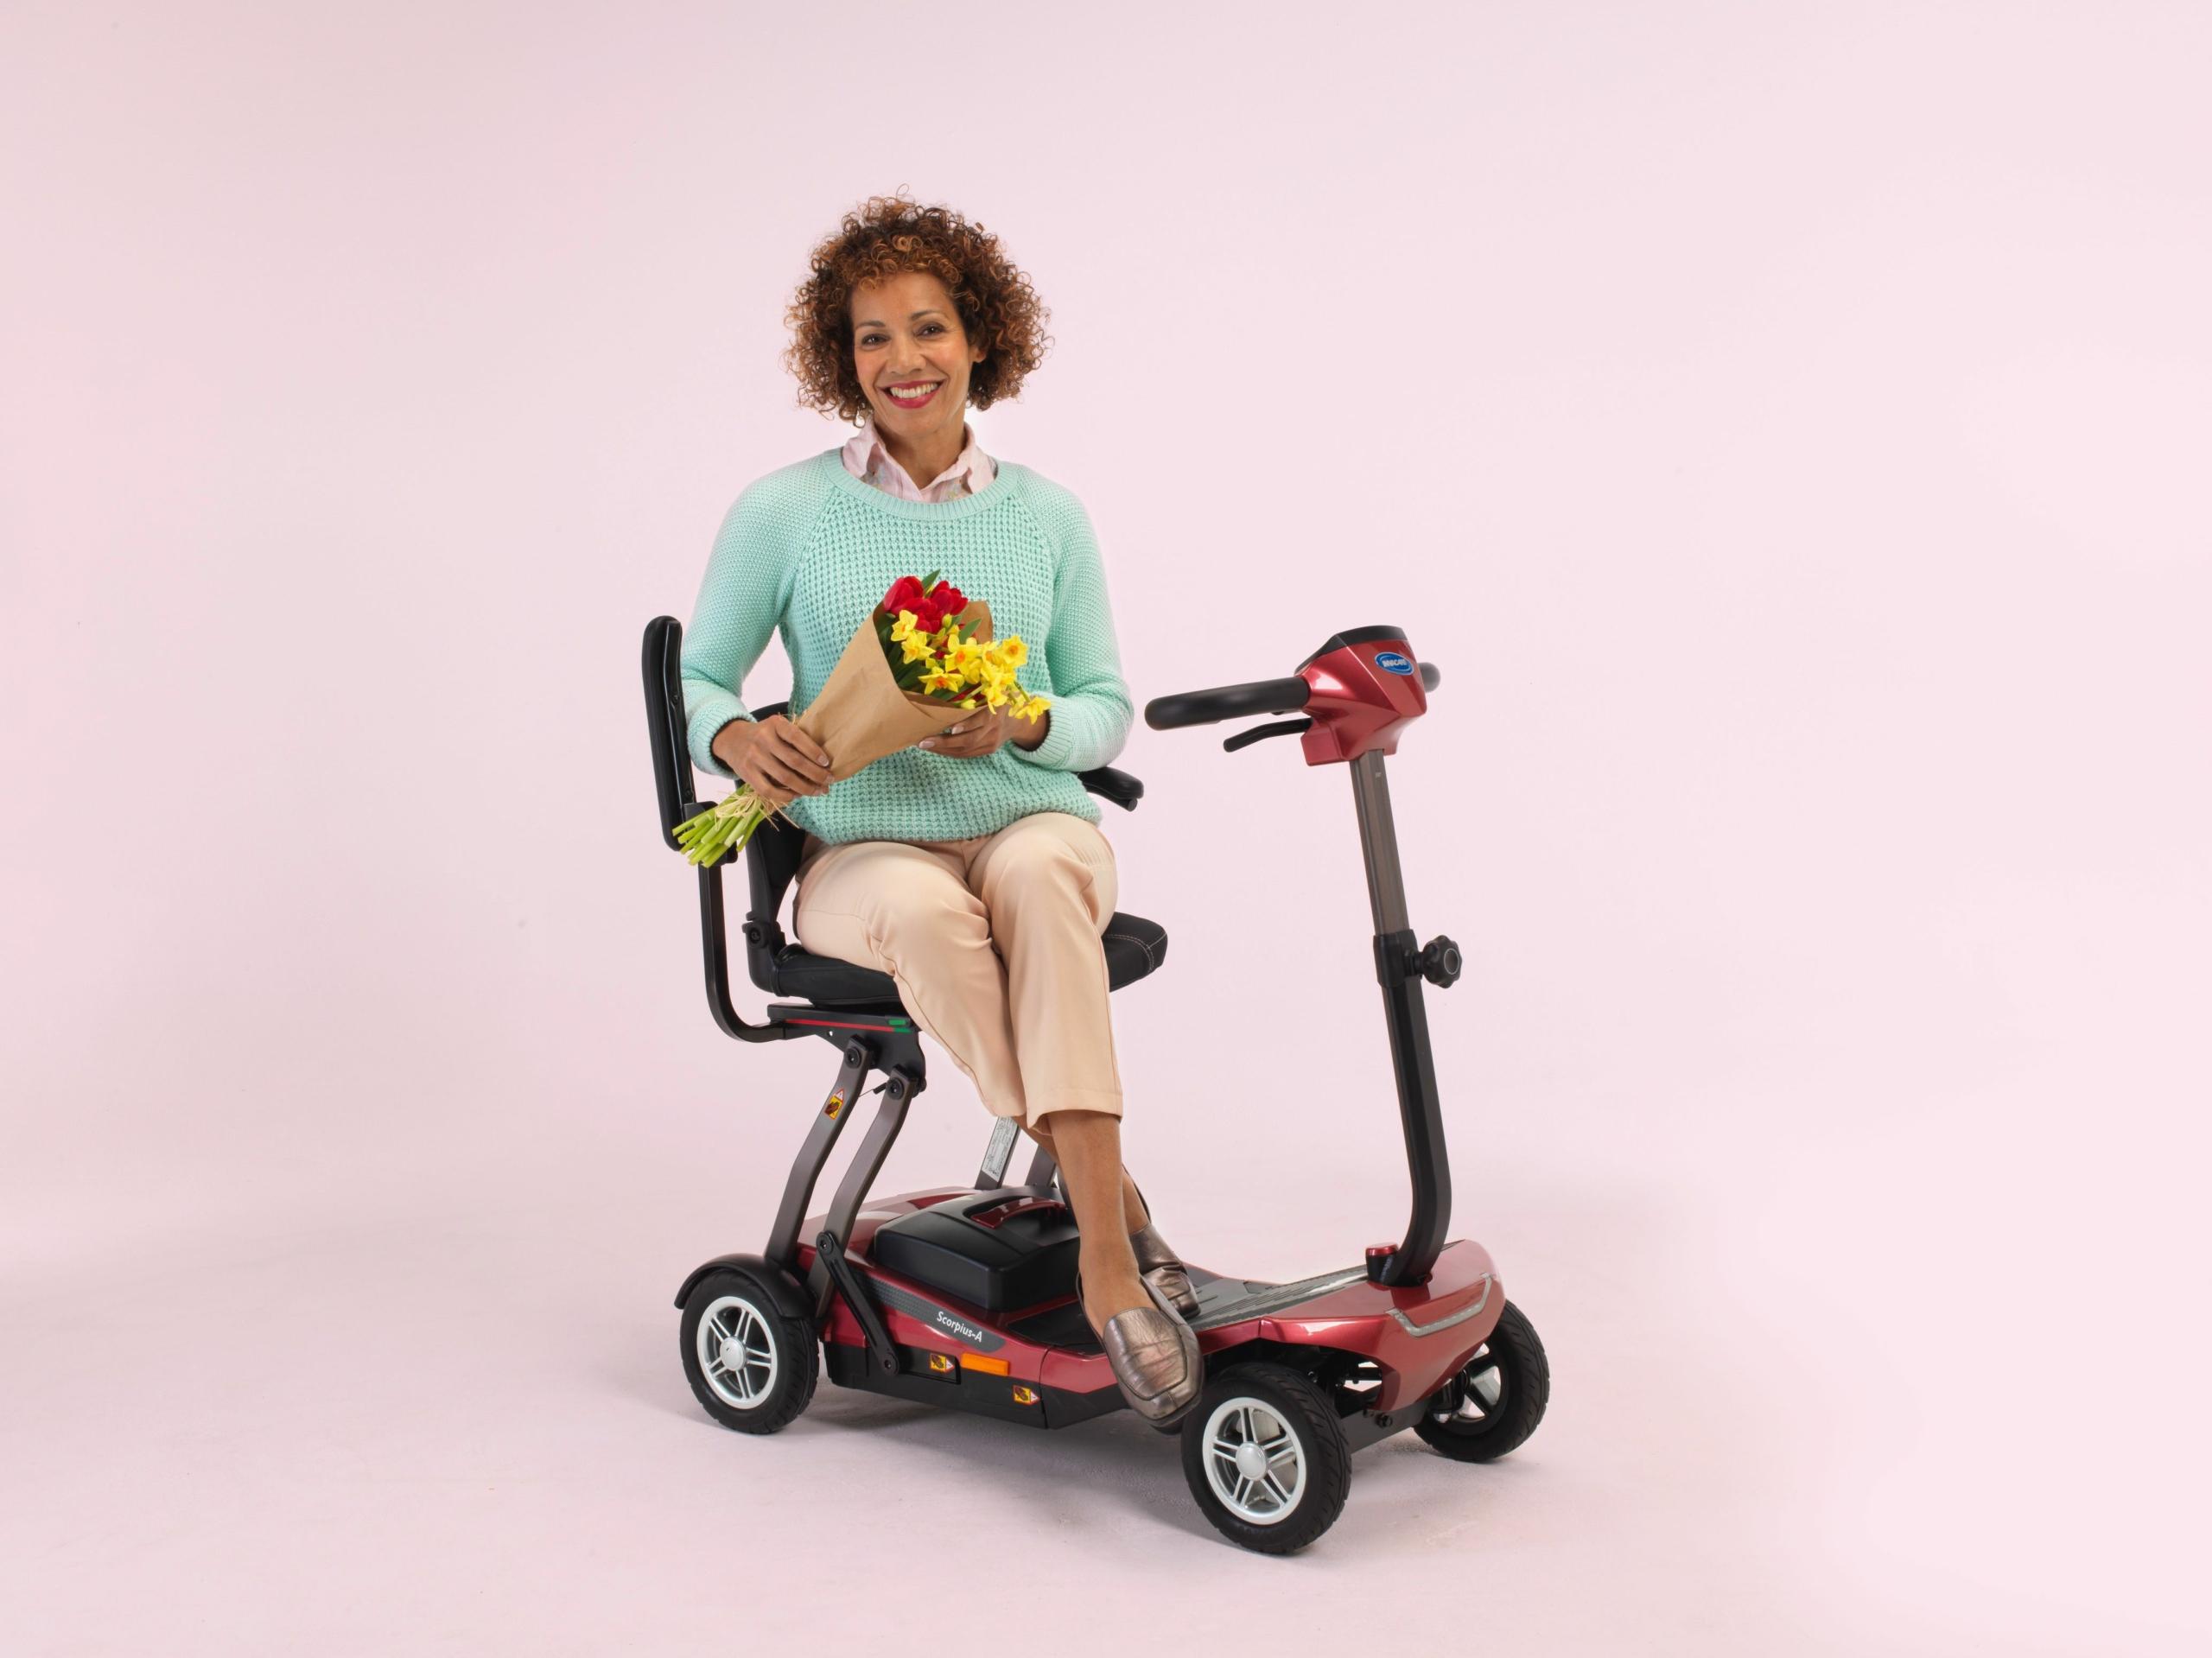 Jegge bewegt - Elektromobil - Scorpius color